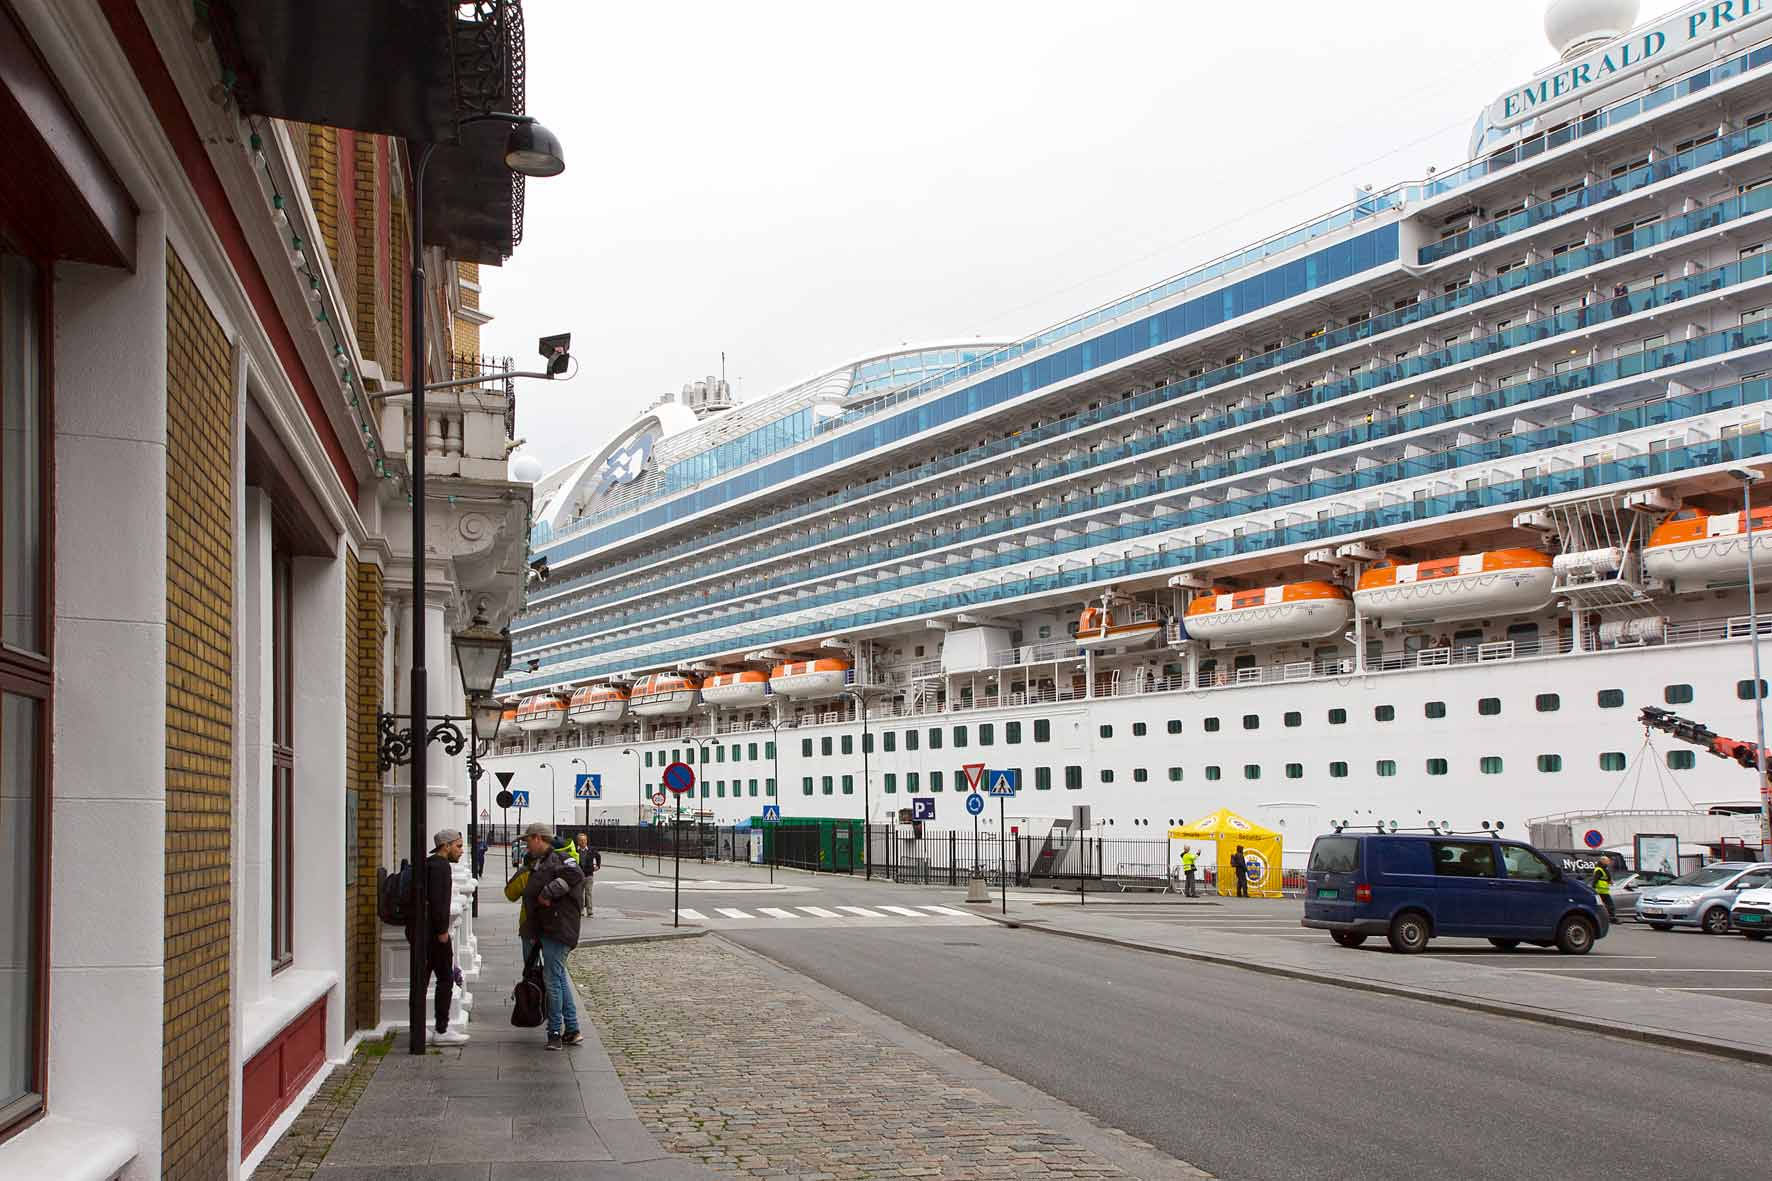 Kreuzfahrtschiff im Hafen von Stavanger